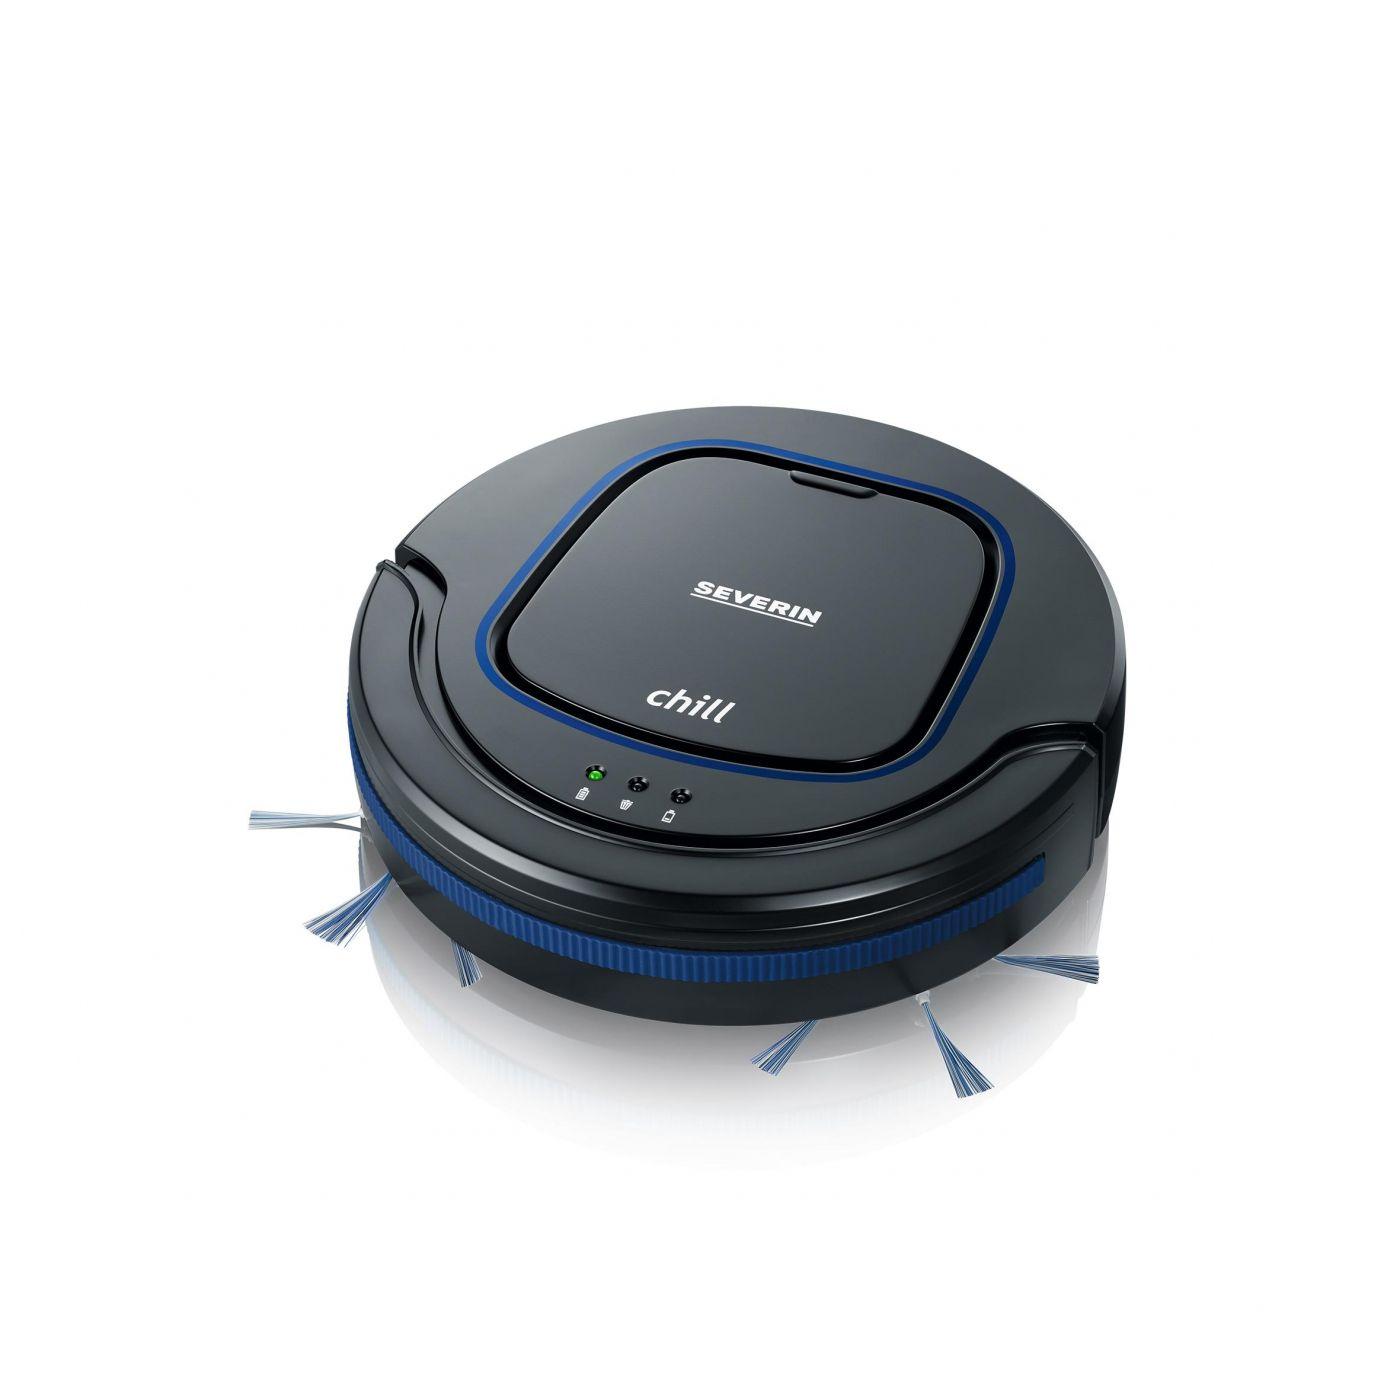 Severin - Vaccum Robot Cleaner - Dark Blue/Black (11437)